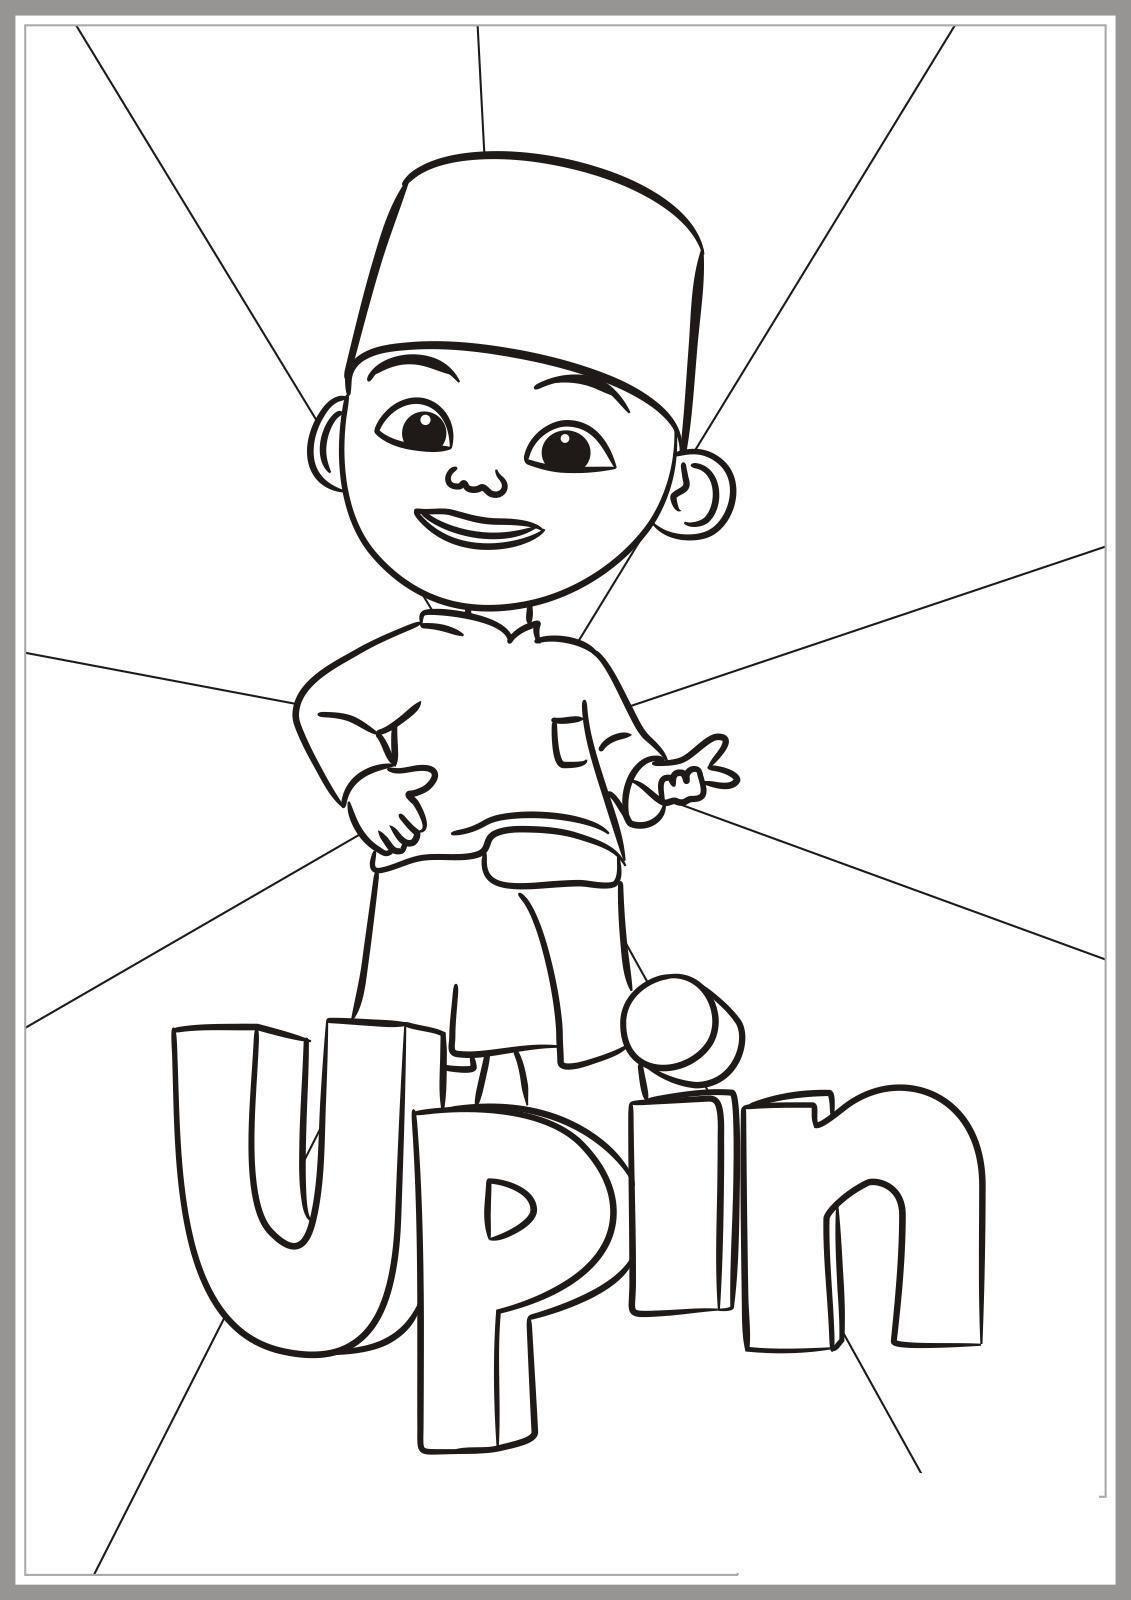 Mewarnai Upin Dan Ipin : mewarnai, Coloring, Pages,, Books,